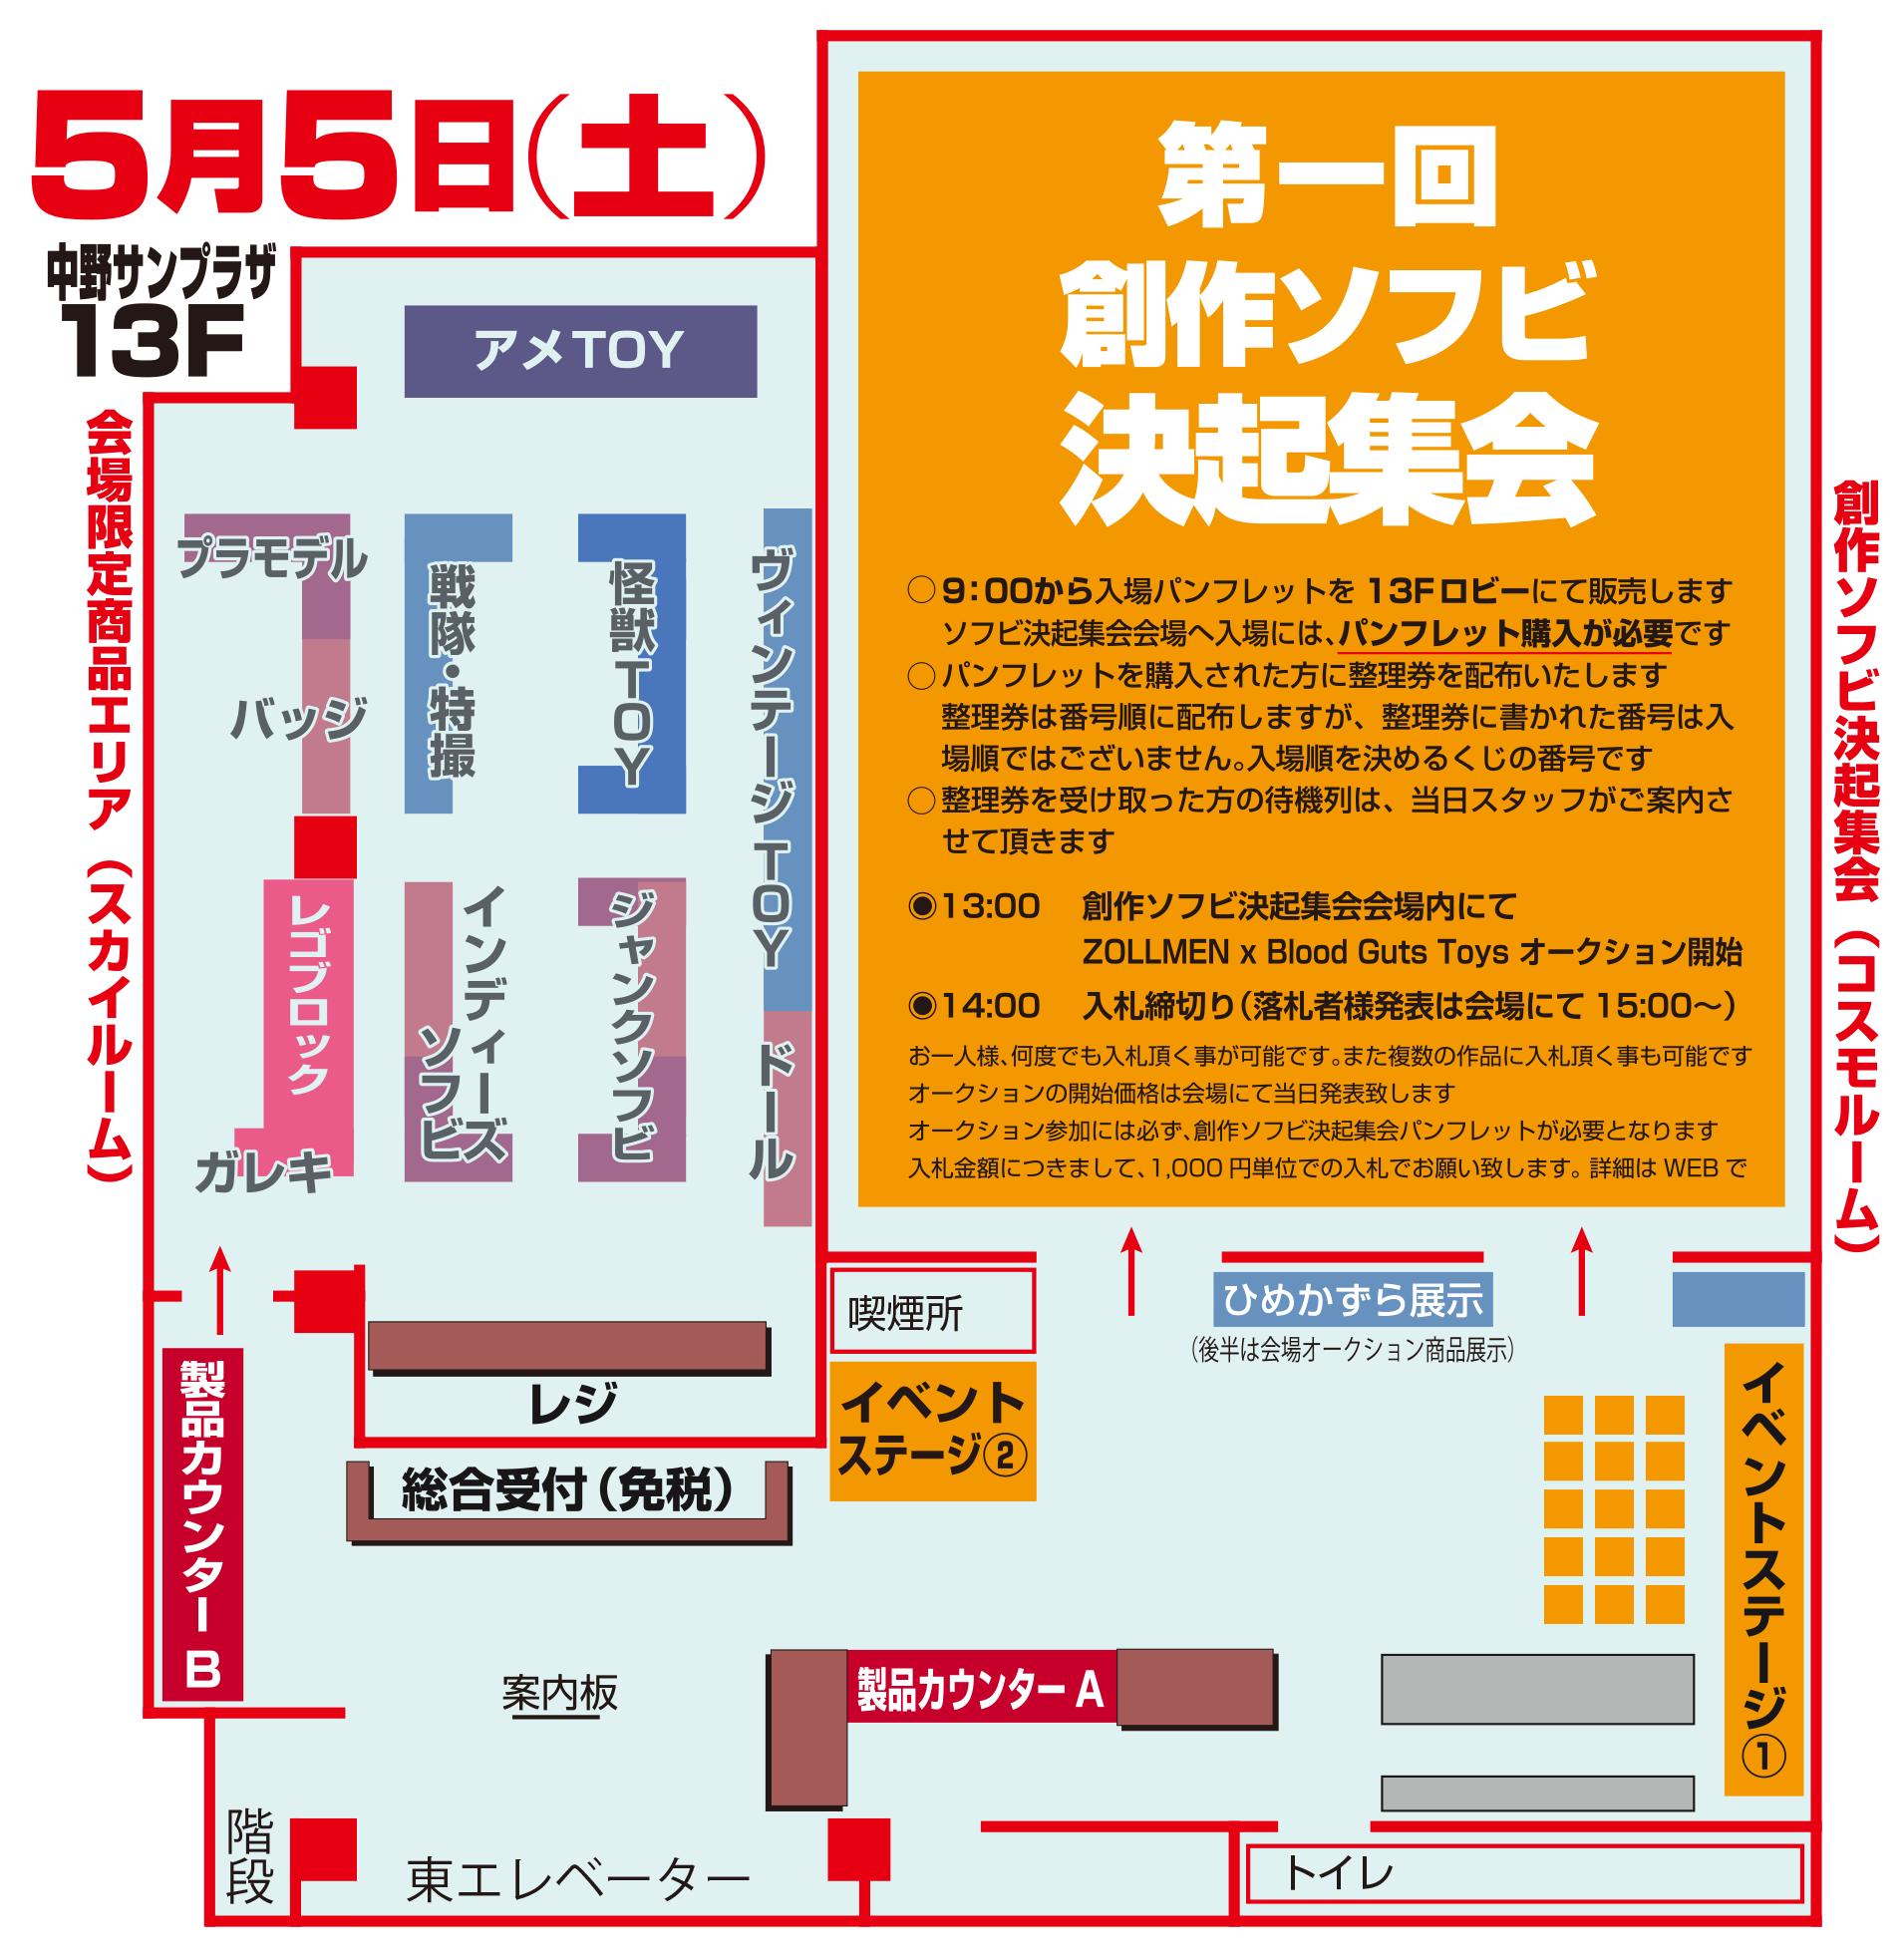 https://mandarake.co.jp/dir/daimansai/2018_sale/up/2018/05/04/f65be043c94297dafa17bd47496f10b6955efb82.png